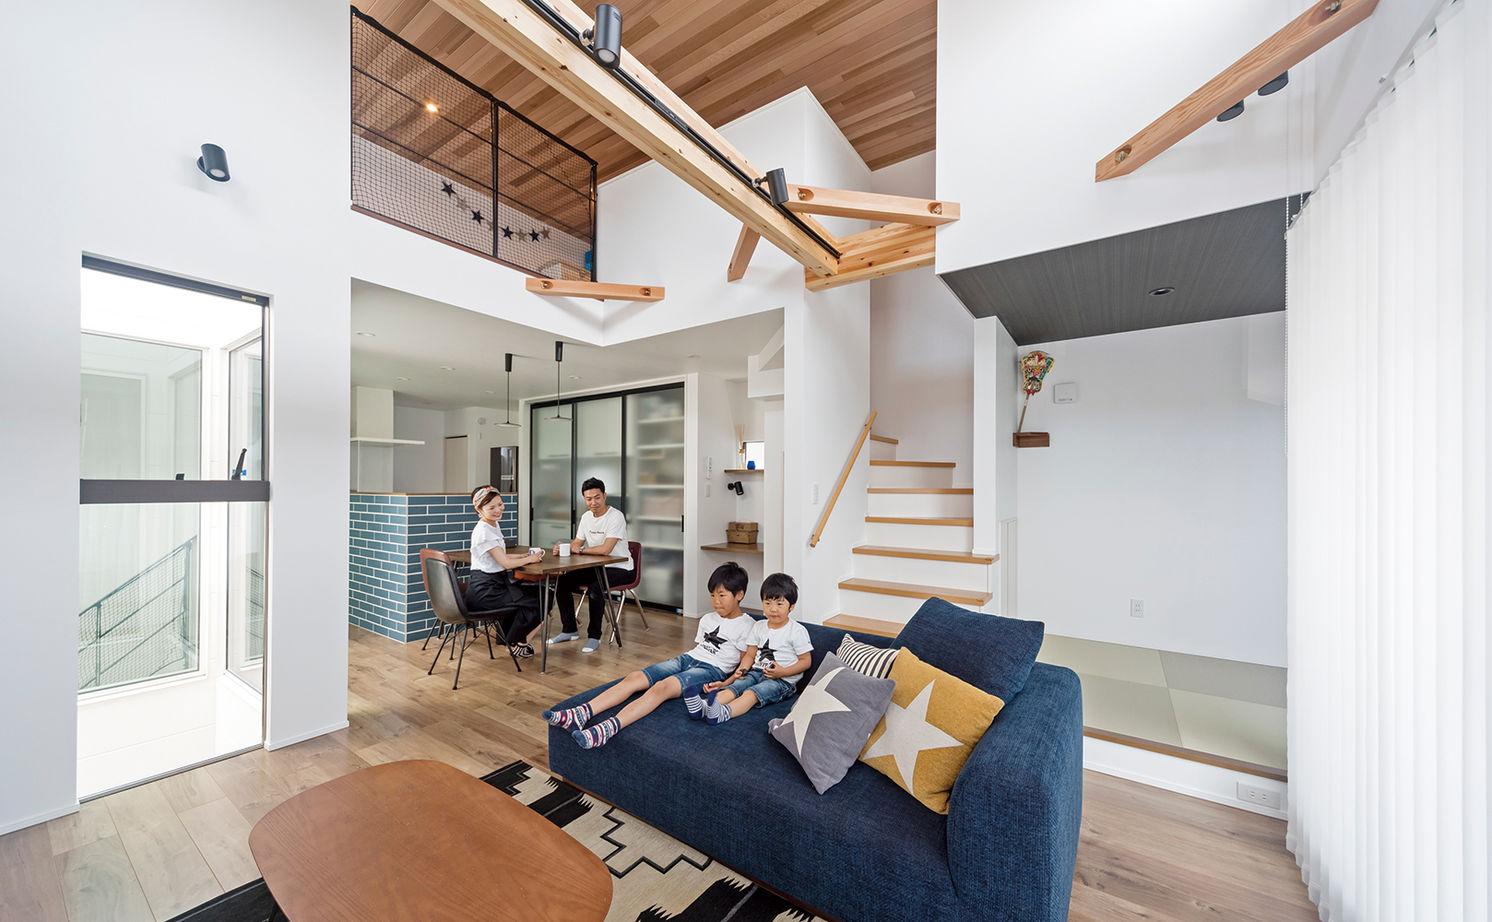 「西区×中庭つき間取り」中庭に20畳超のリビング、土間収納やロフトまで。30坪台の敷地で理想を叶えた家画像1